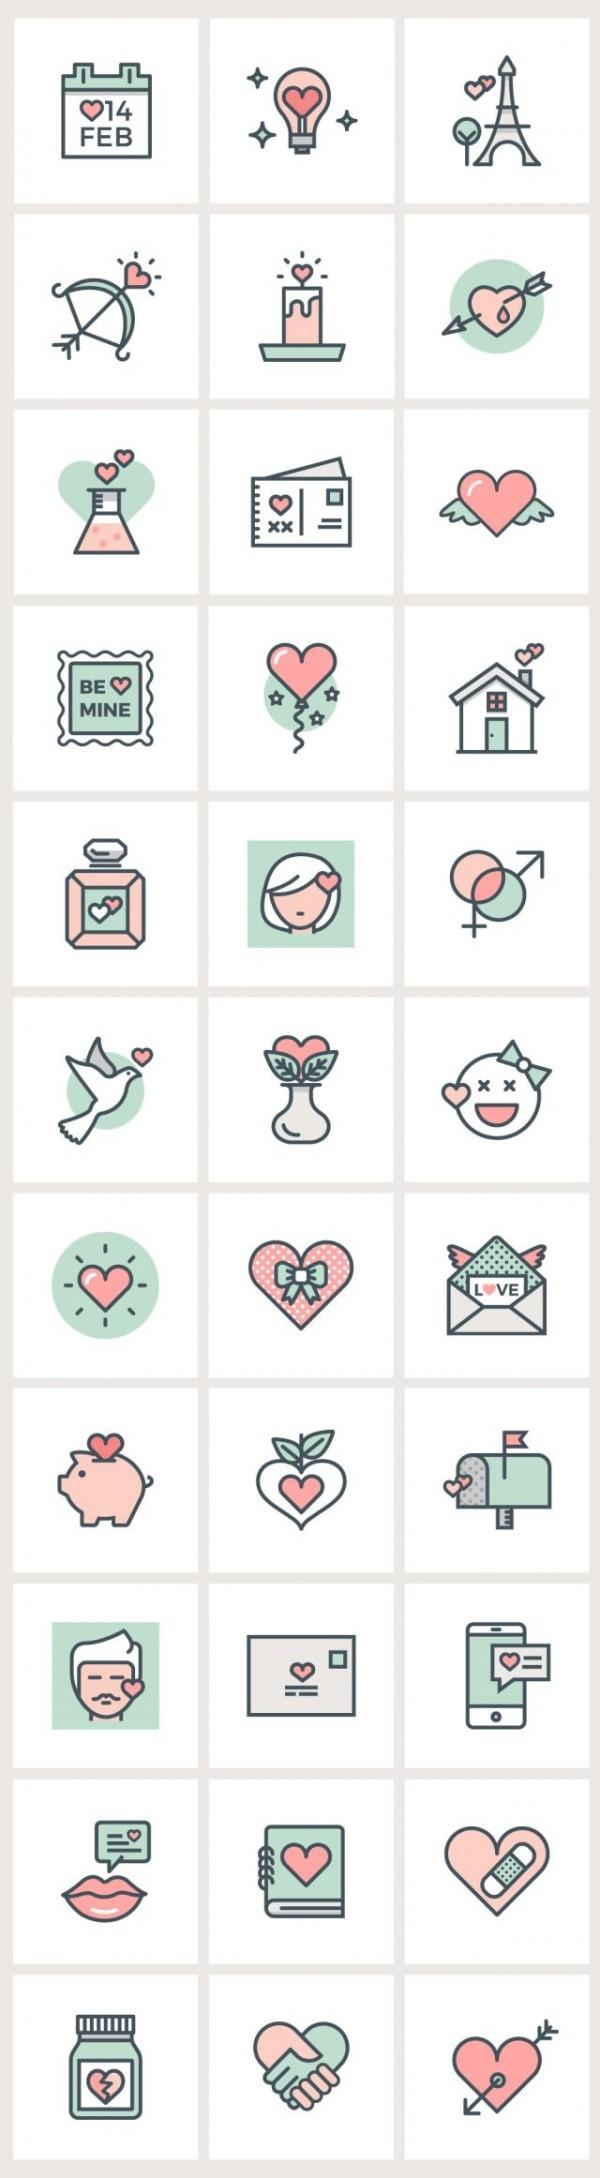 valentine-flat-line-icons-600x2178 ロマンチックでクールなバレンタイン用ベクターフラットアイコン